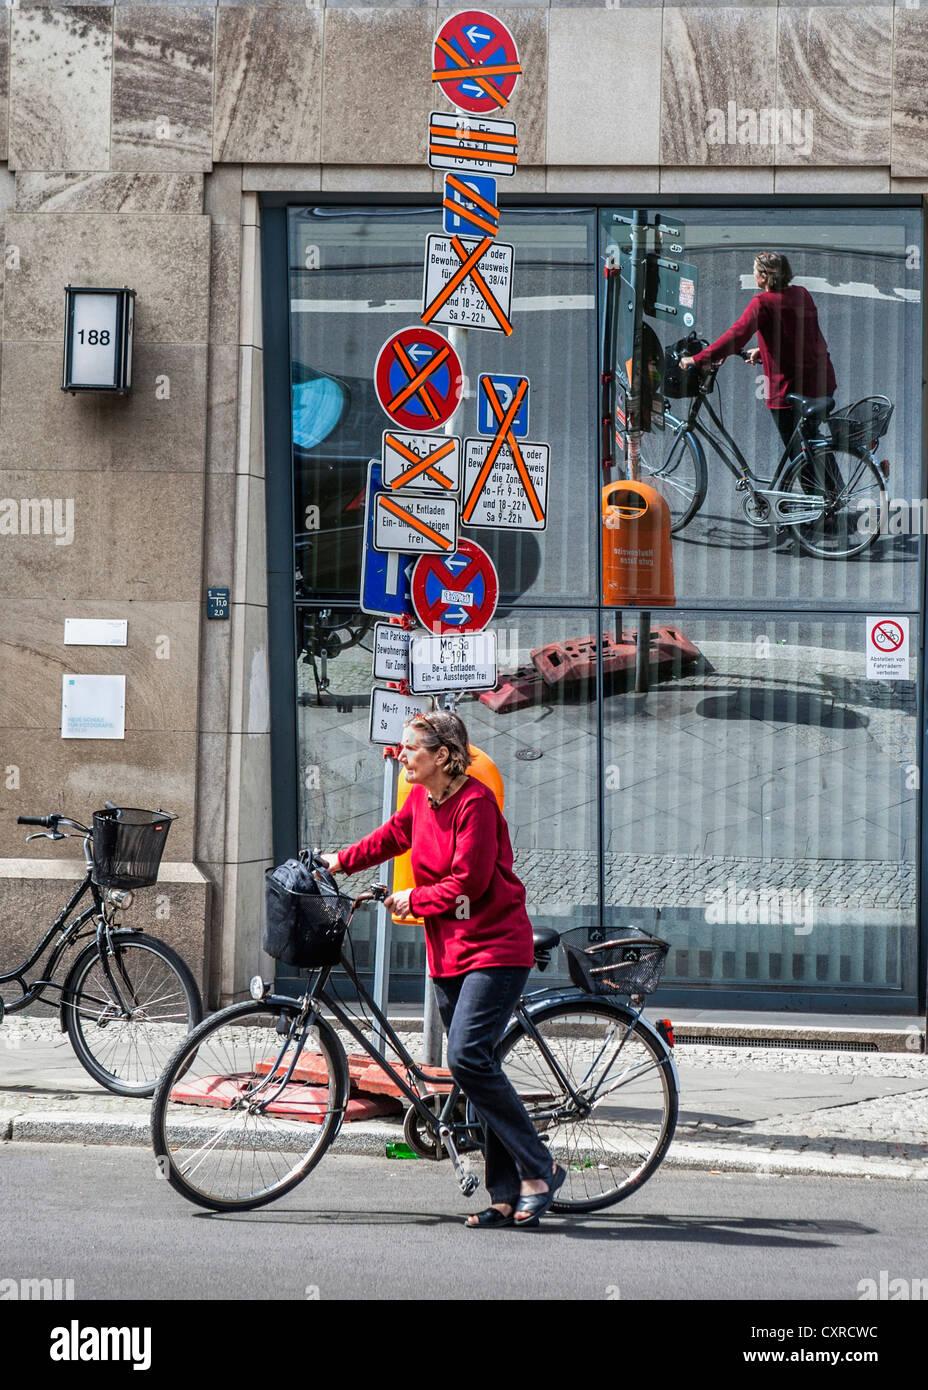 Gemischte Nachrichten von Verkehrszeichen verwechseln Frau Radfahrer in Berlin, Deutschland Stockbild